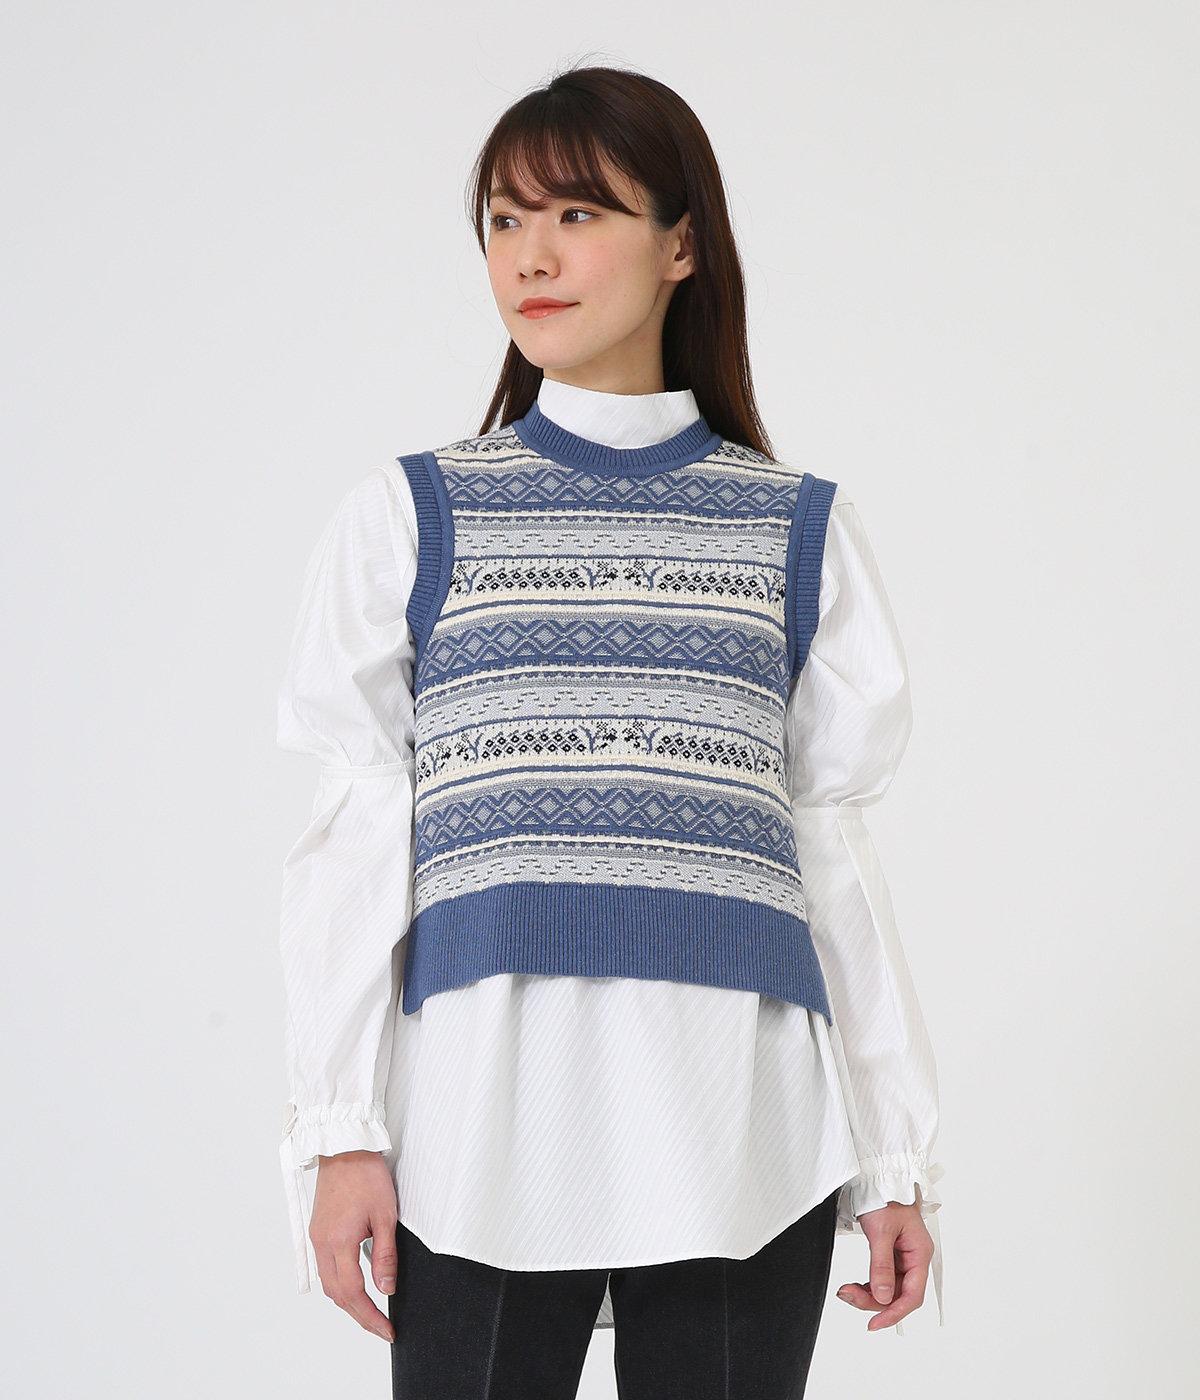 【レディース】Multi-Colour Jacquard Knit Vest